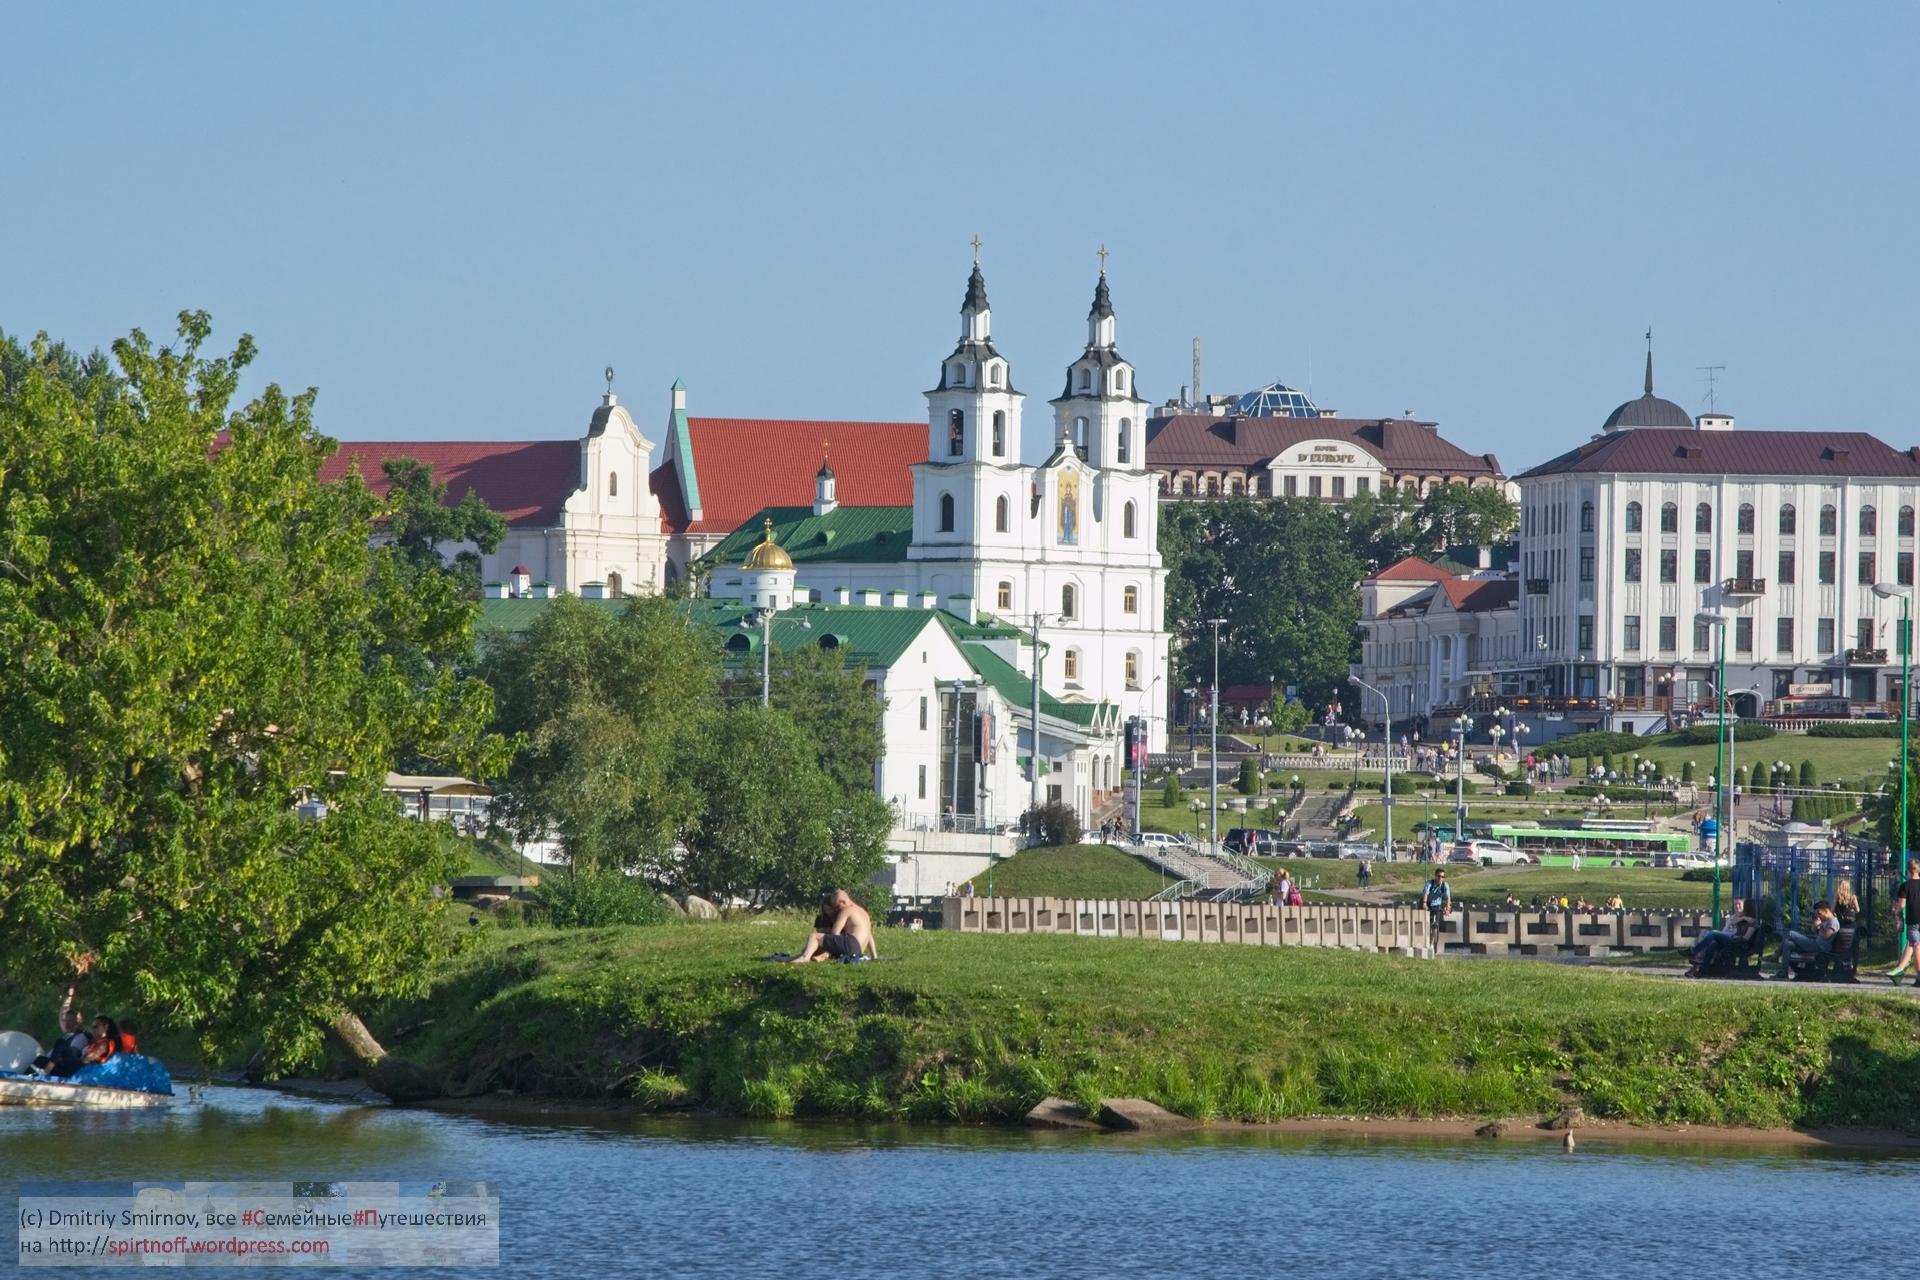 DSC_6640-Blog-63 Путешествия  Минск, Троицкое предместье, Набережная воинов-интернационалистов